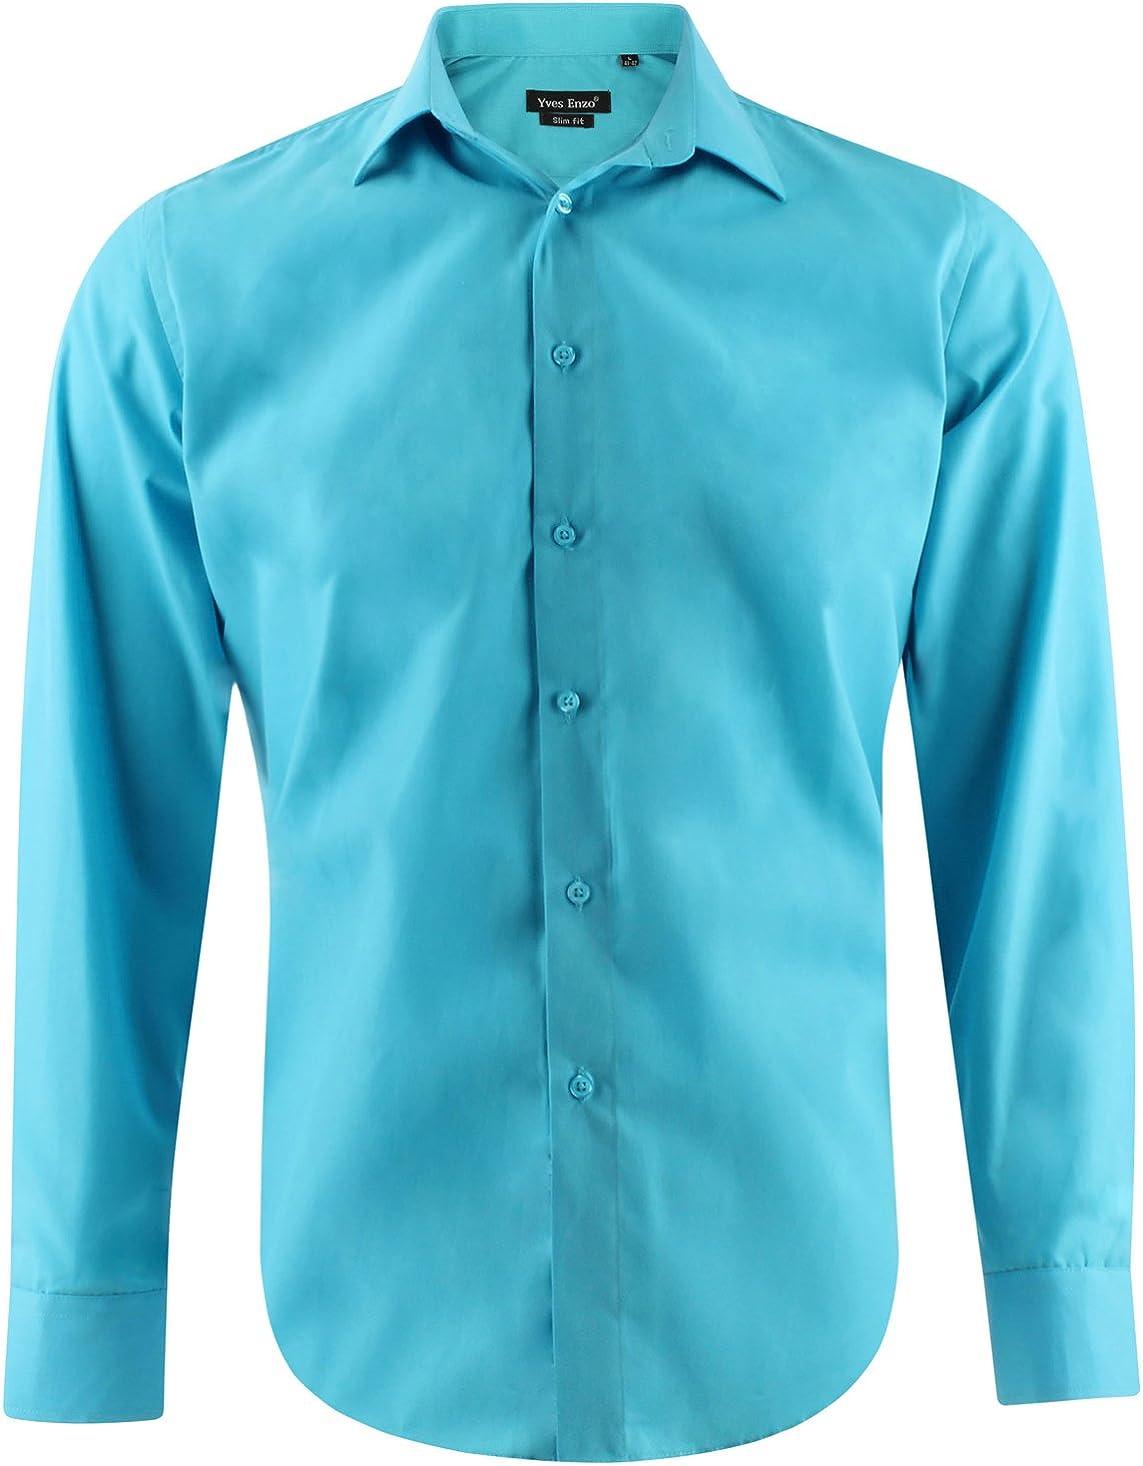 Enzo Camisa Slim Fit Turquesa Para Hombre con Manga Larga Shirt Talla XL: Amazon.es: Ropa y accesorios